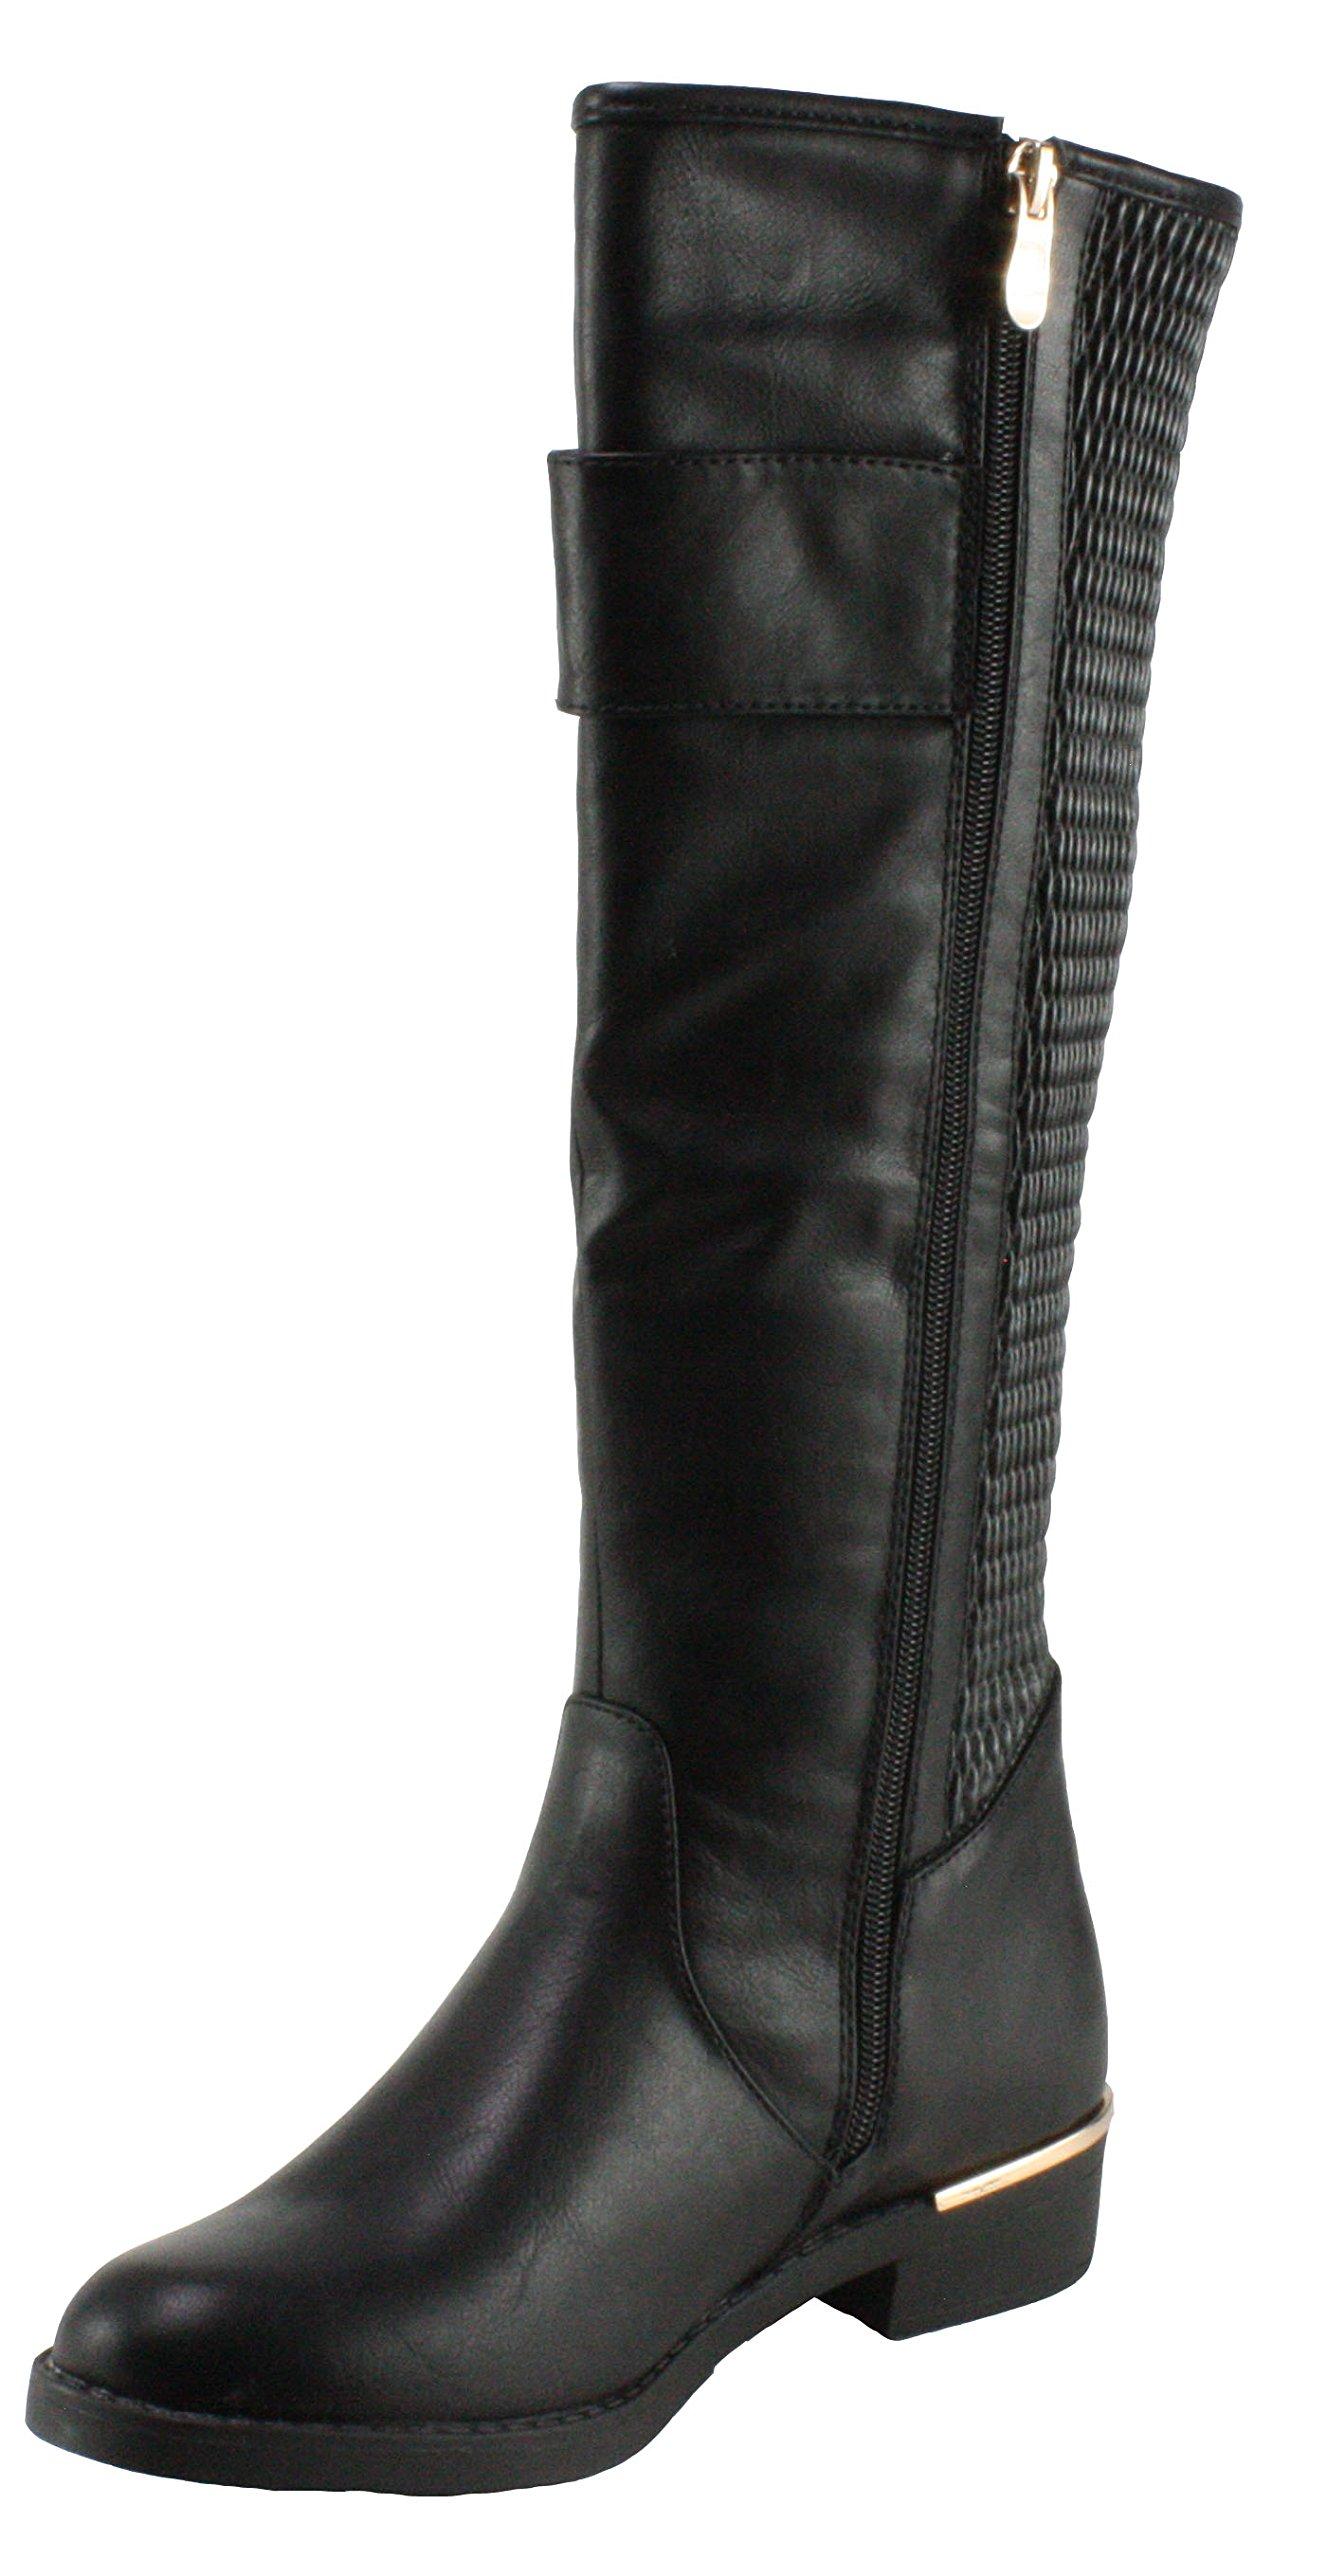 Top Moda Women's Ginger-1 Round-Toe Knee High Low Heel Boots,Black,7